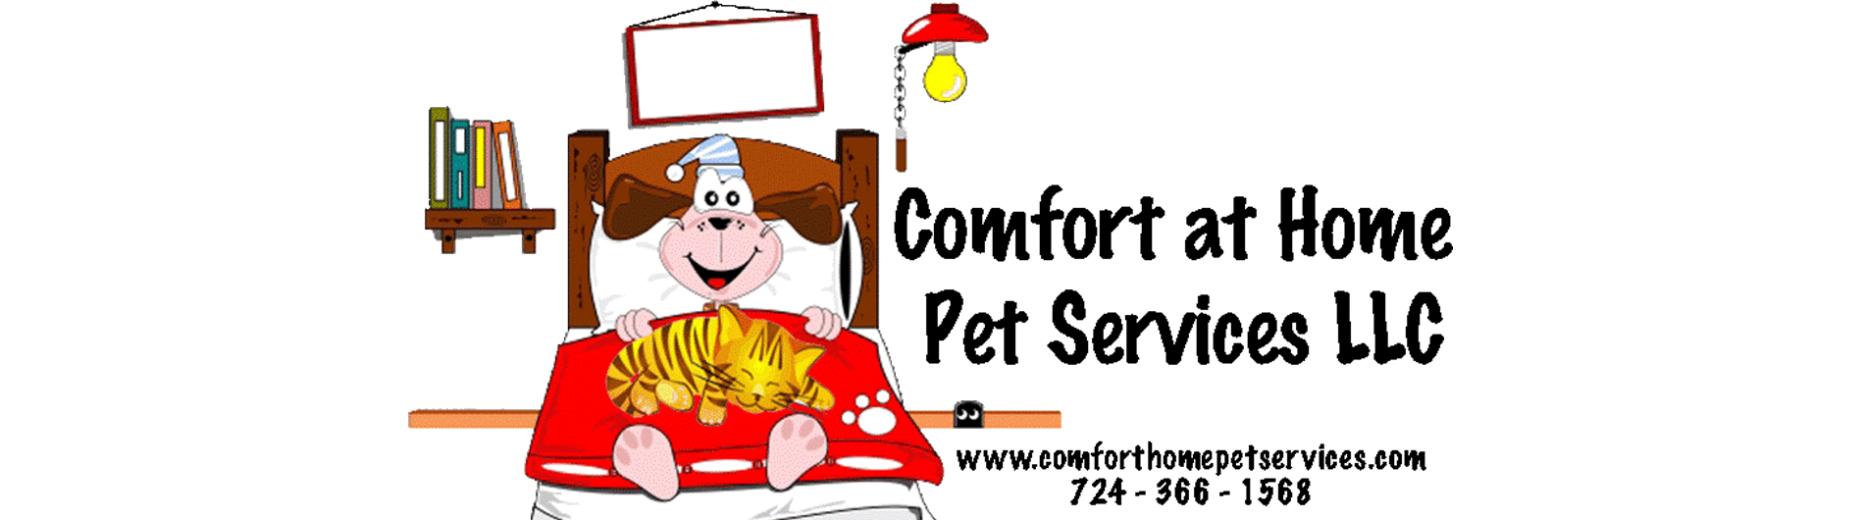 Comfort at Home Pet Services, LLC